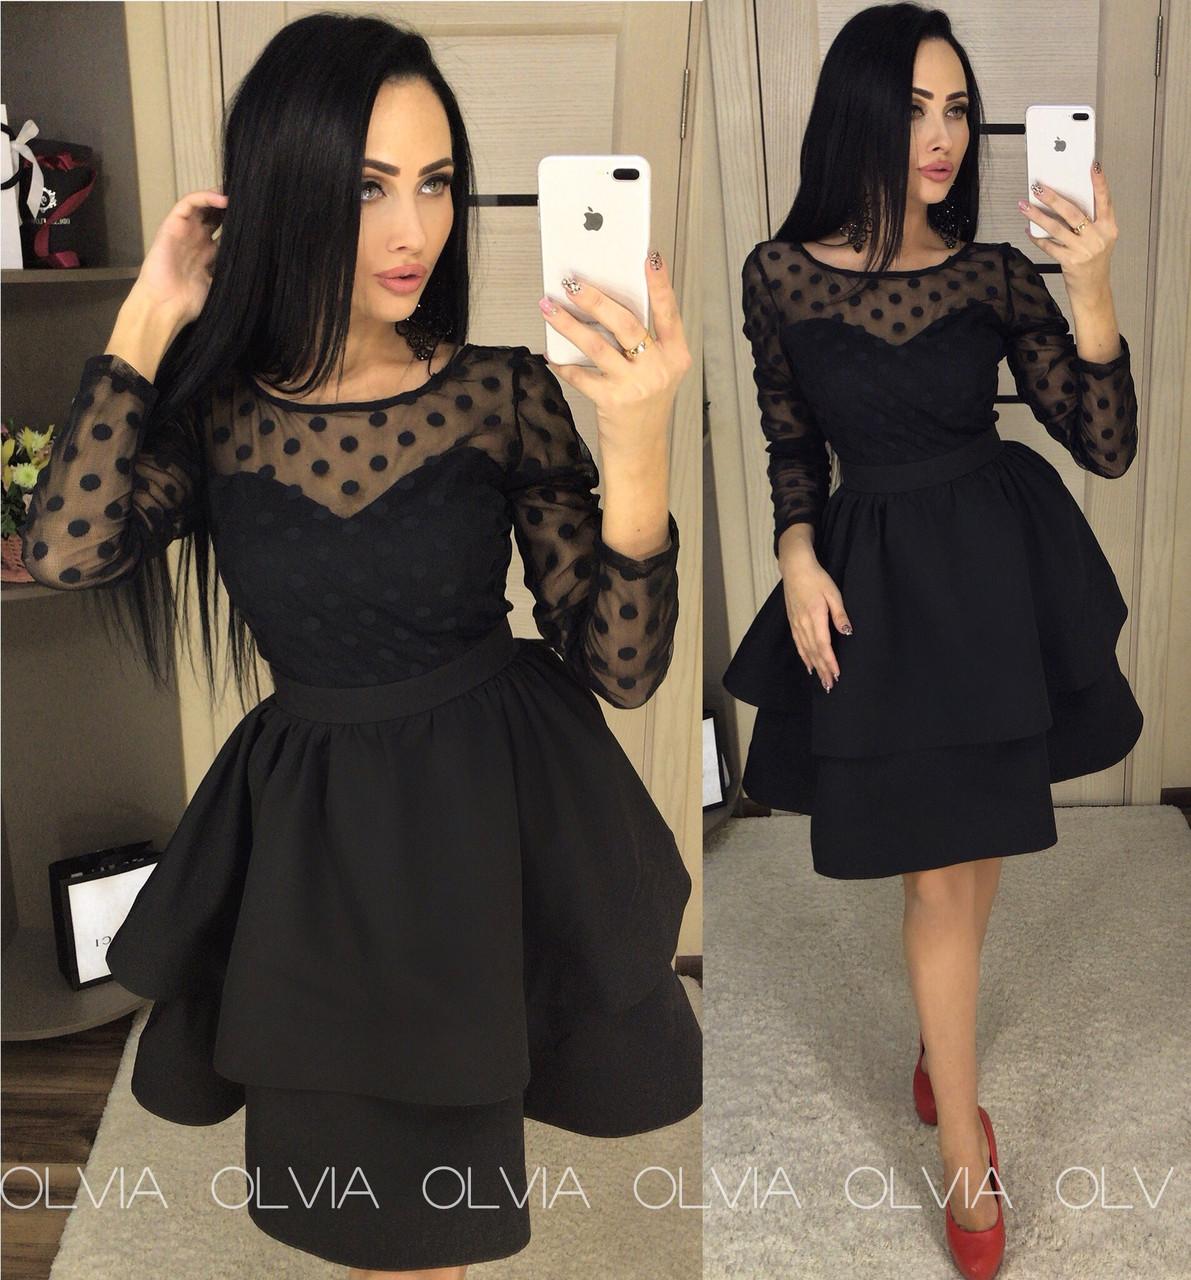 d97a7775c8b Платье с пышной двойной юбкой - Магазин женской одежды и аксессуаров в  Украине - Annika.